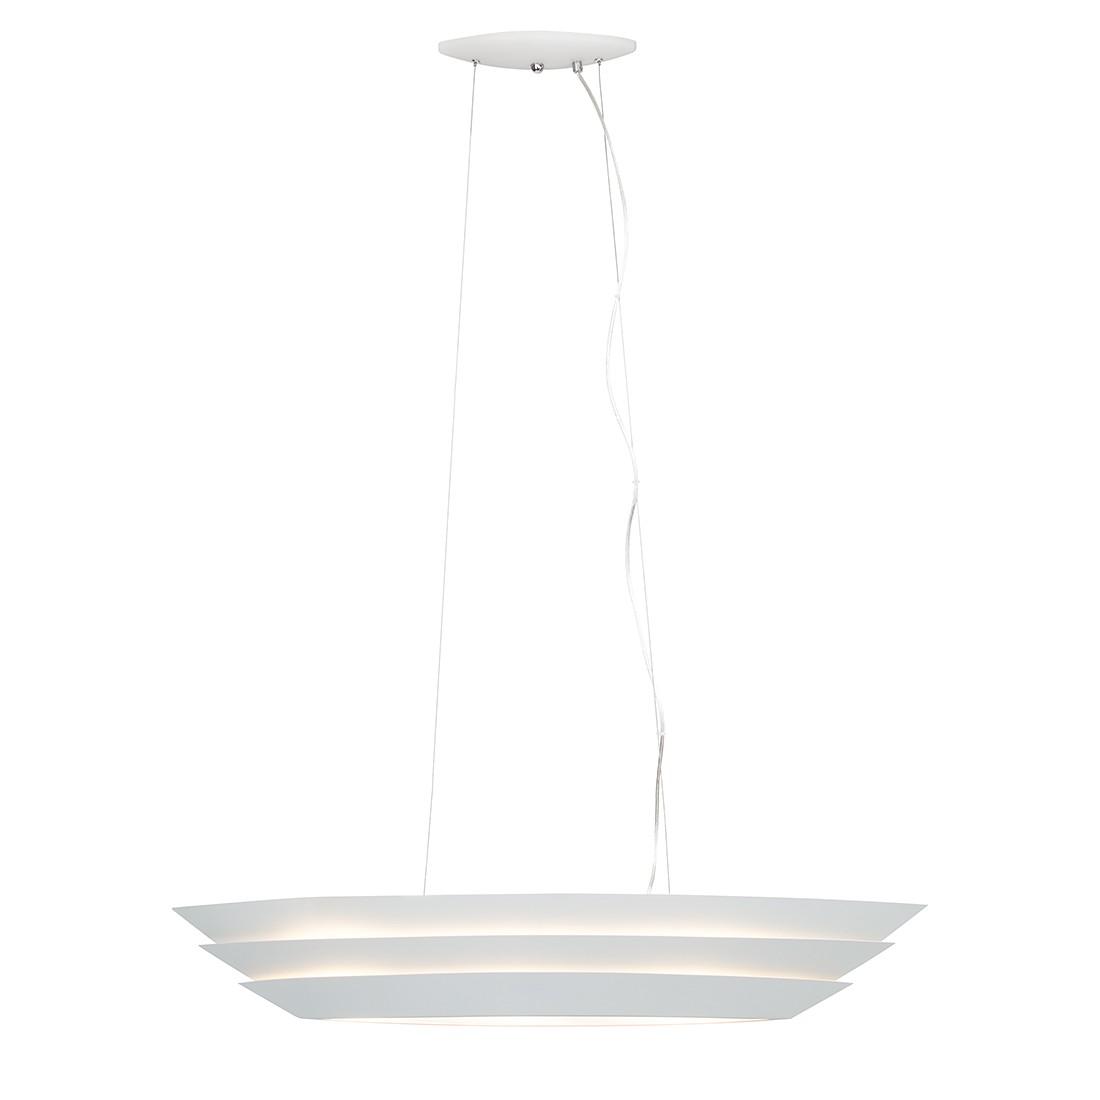 energie  A++, Hanglamp Ship - wit metaal 3 lichtbronnen, Brilliant